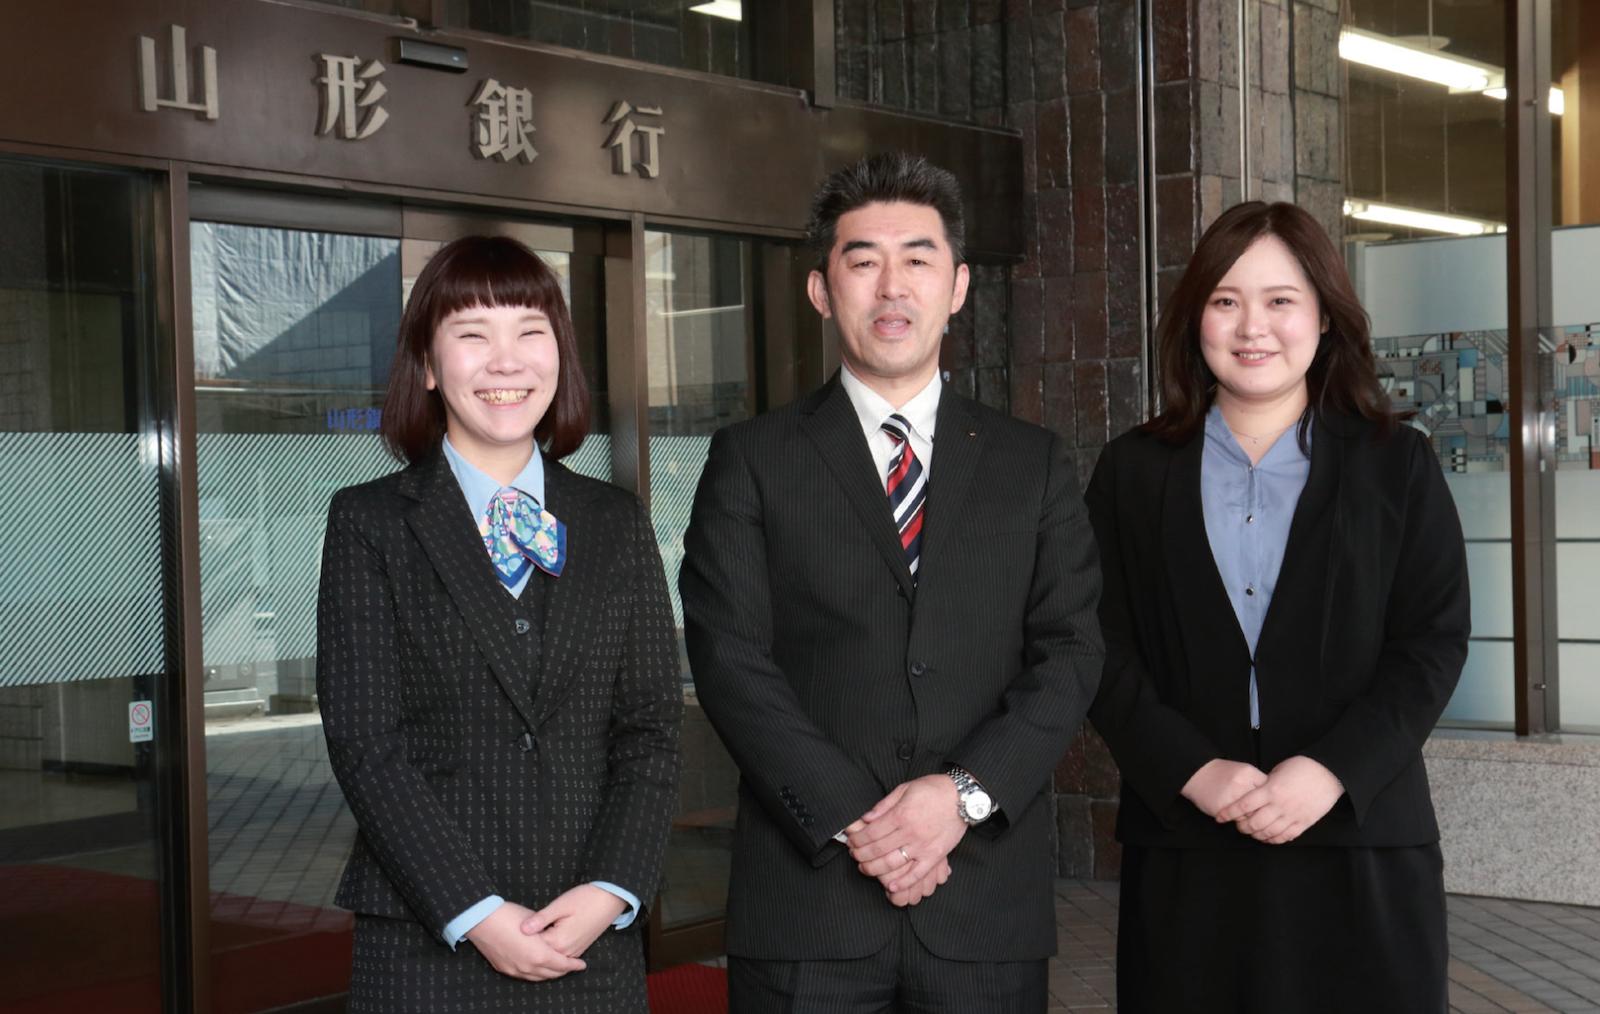 山形 銀行 日本銀行列表 - 维基百科,自由的百科全书